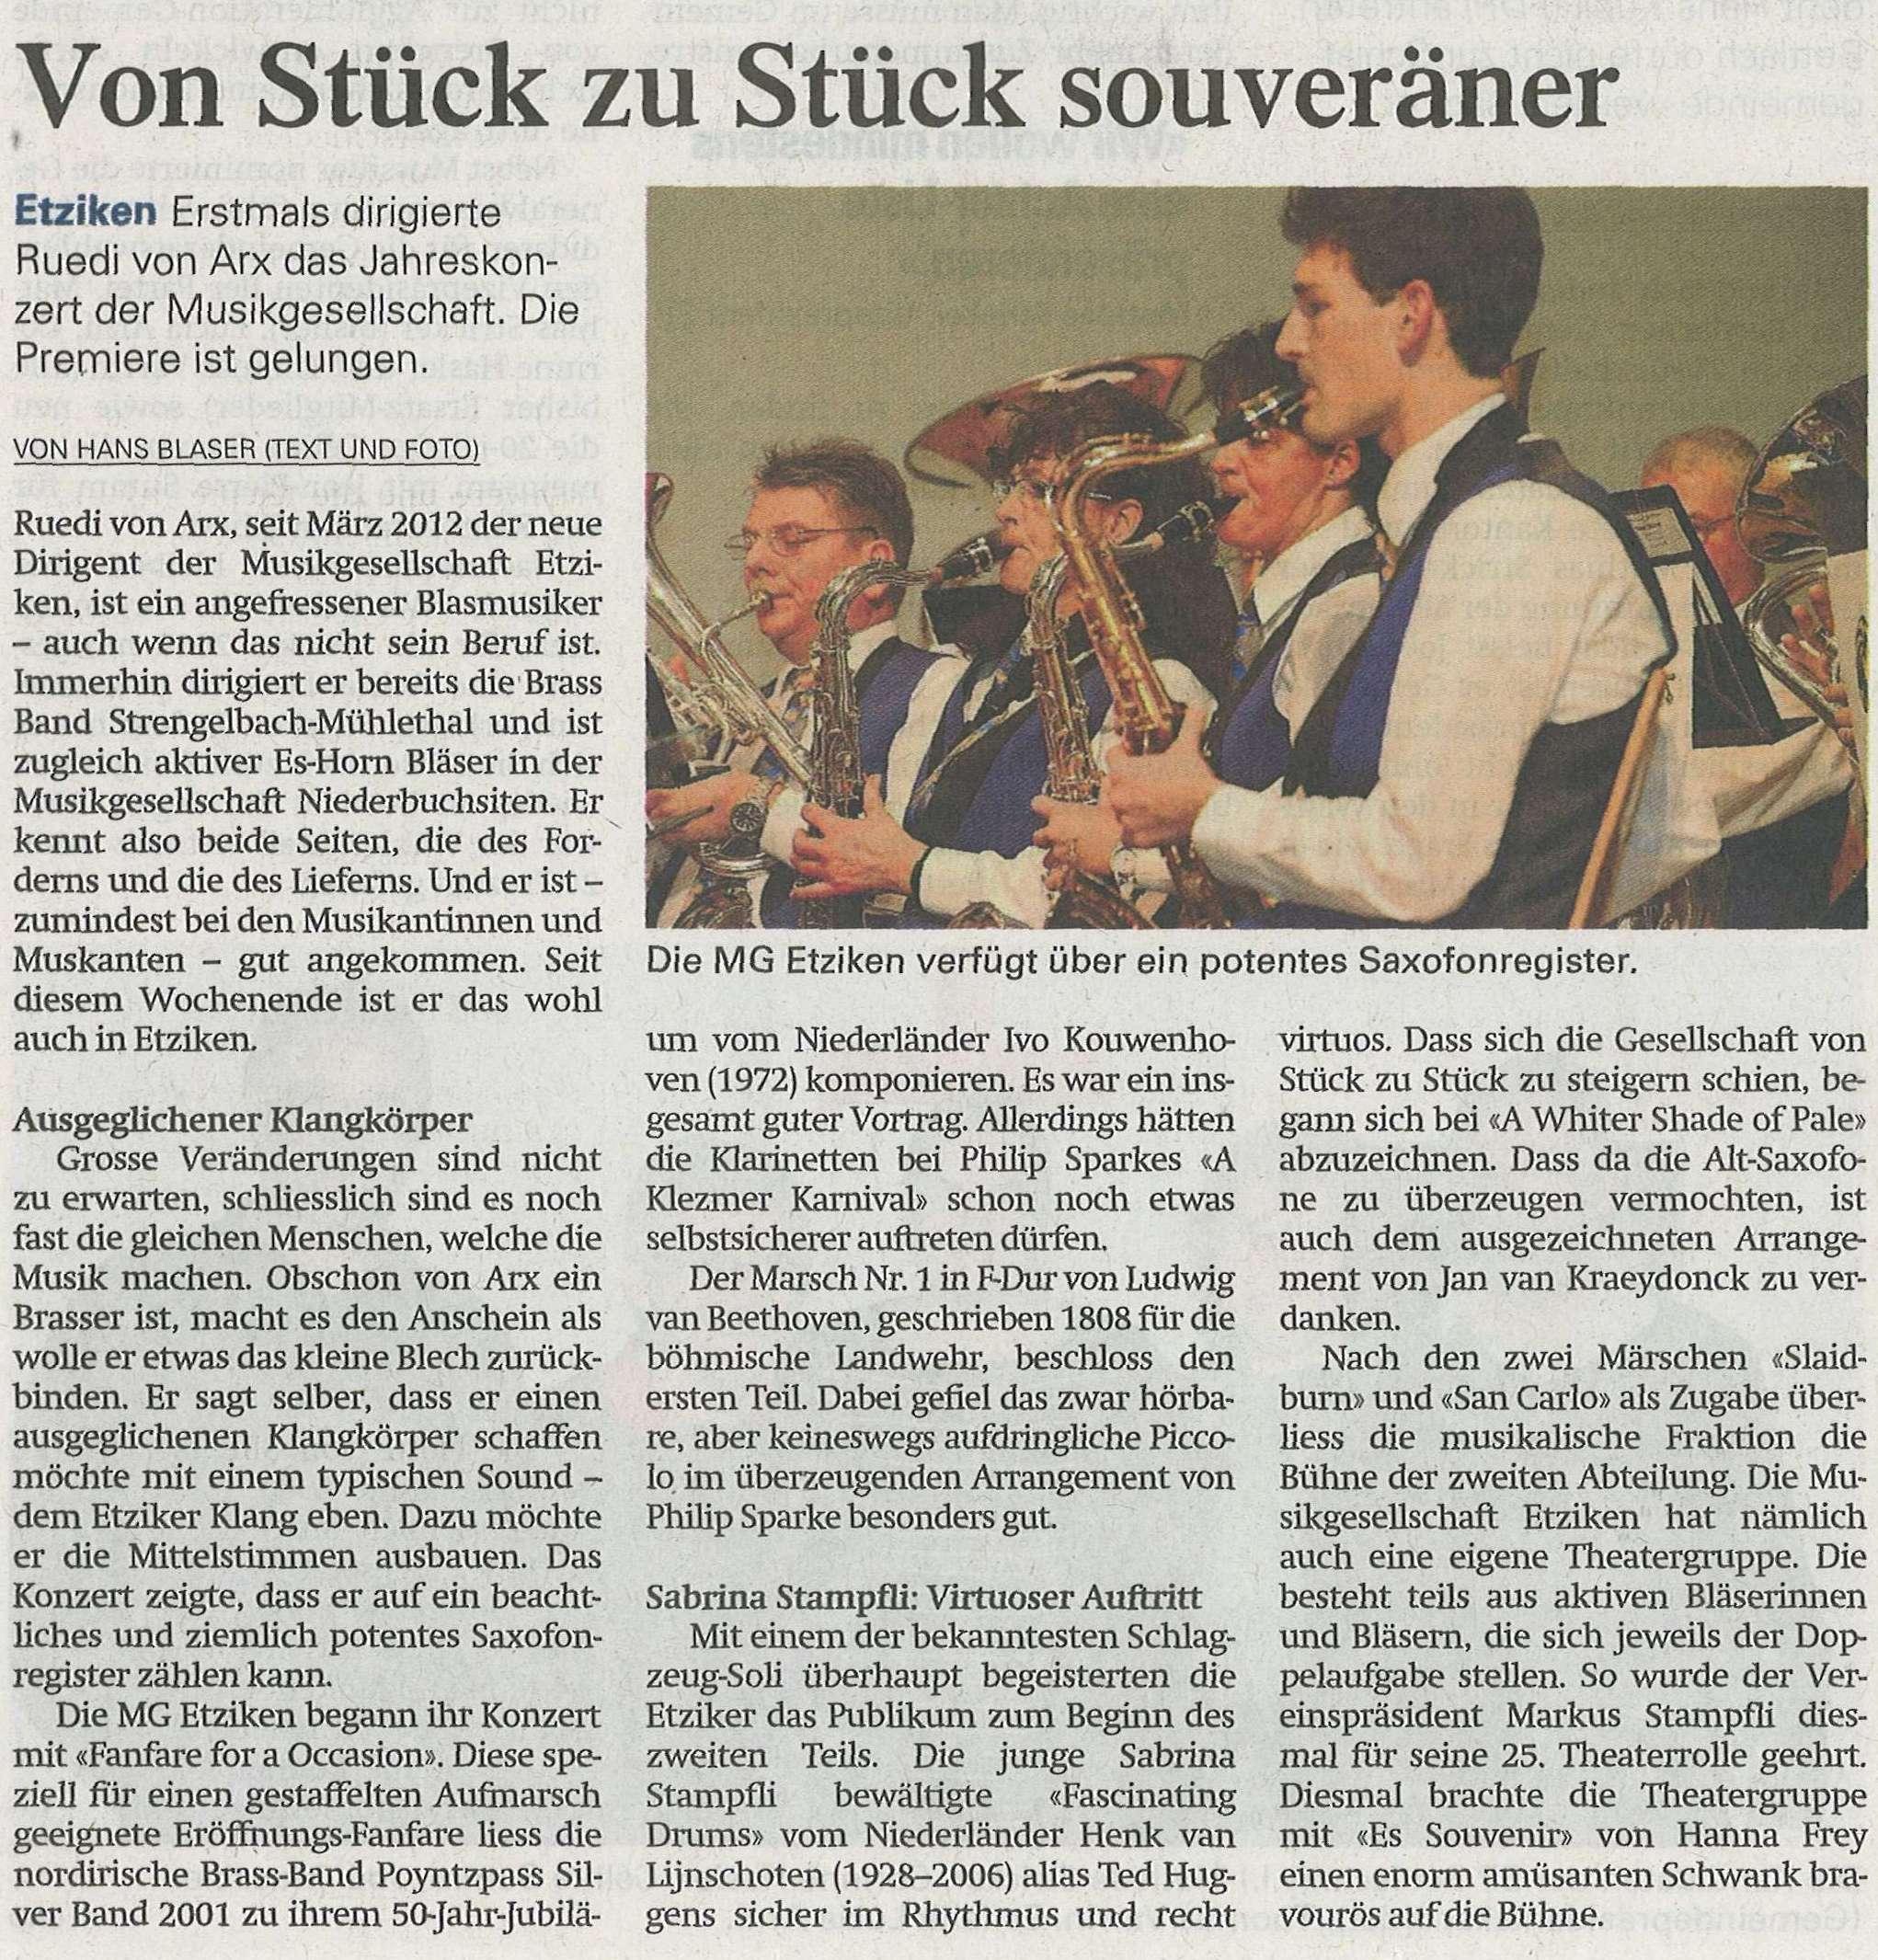 MG Etziken - Zeitungsbericht Konzert 2013